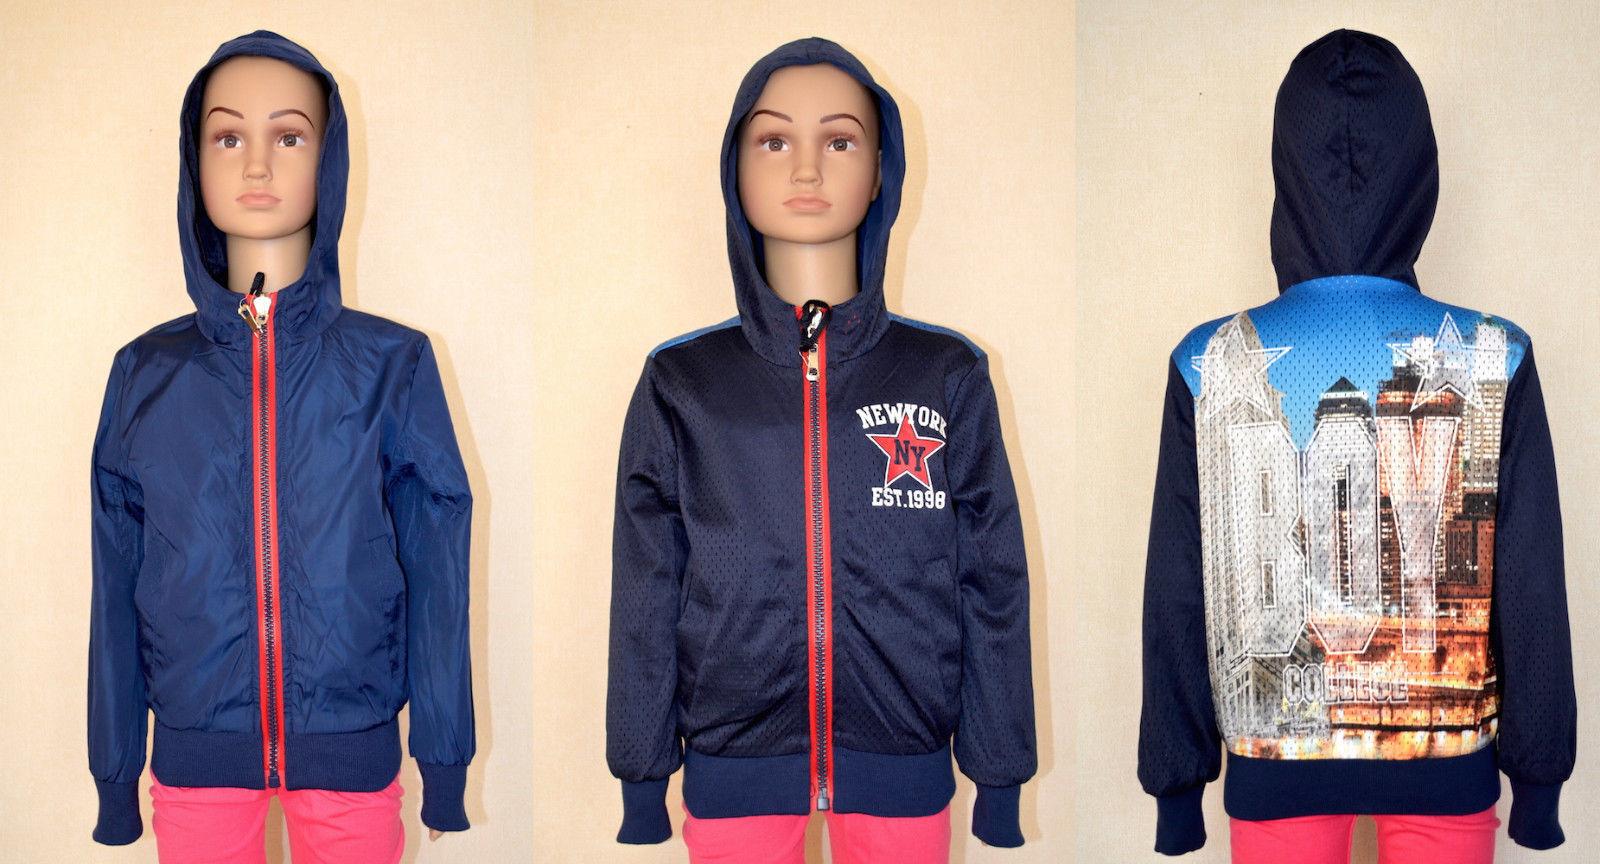 Kinder leichte Jacke für Junge/Regenjacke/doppelseitig Jacke 98/104